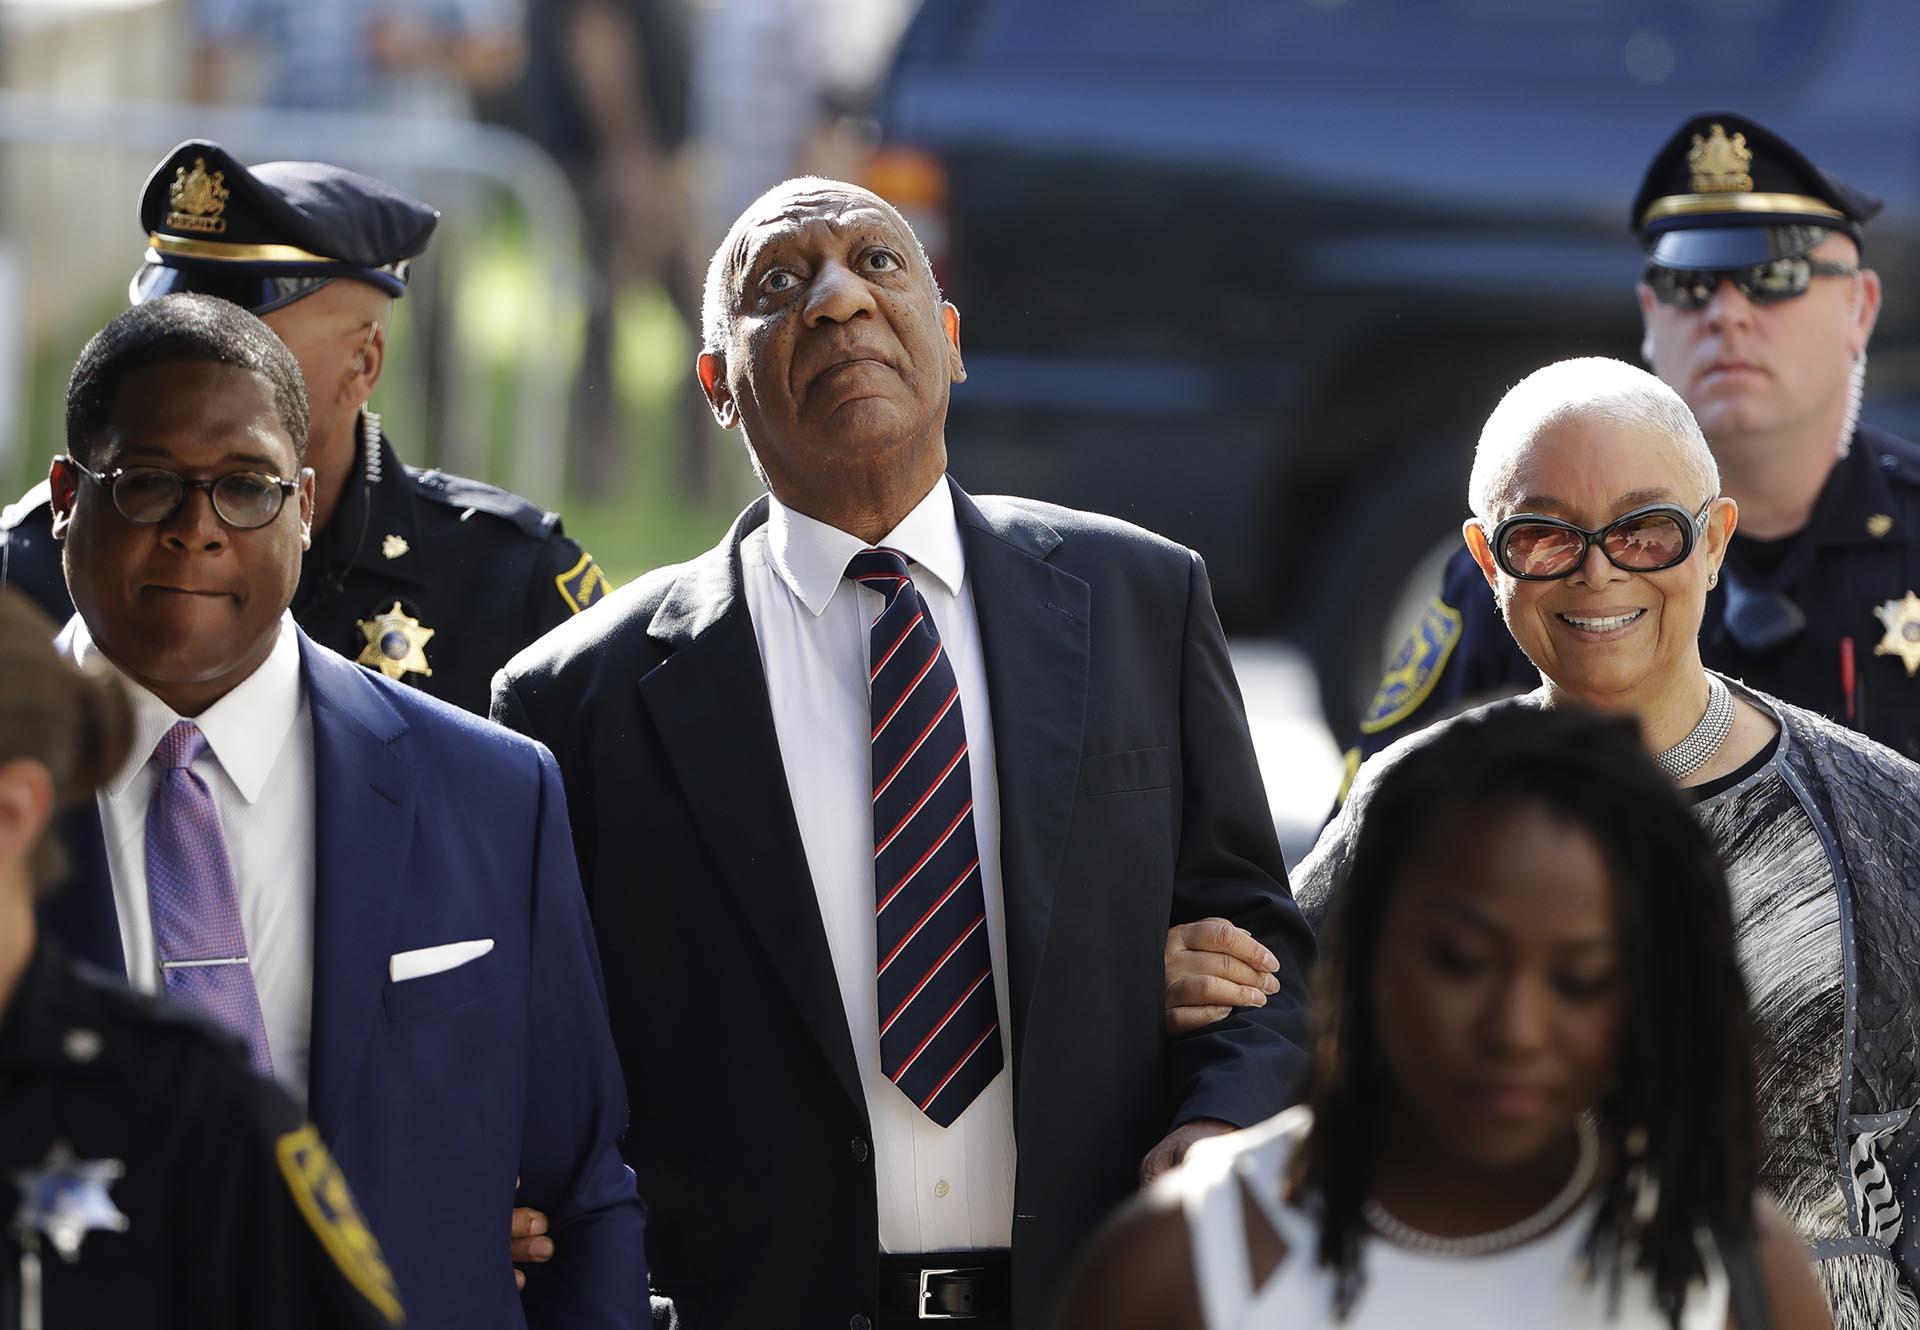 Bill Cosby llega al tribunal del condado de Montgomery en Norristown, en Pensilvania, acompañado de su esposa, para hacer frente al juicio en su contra por agresión sexual (AP)